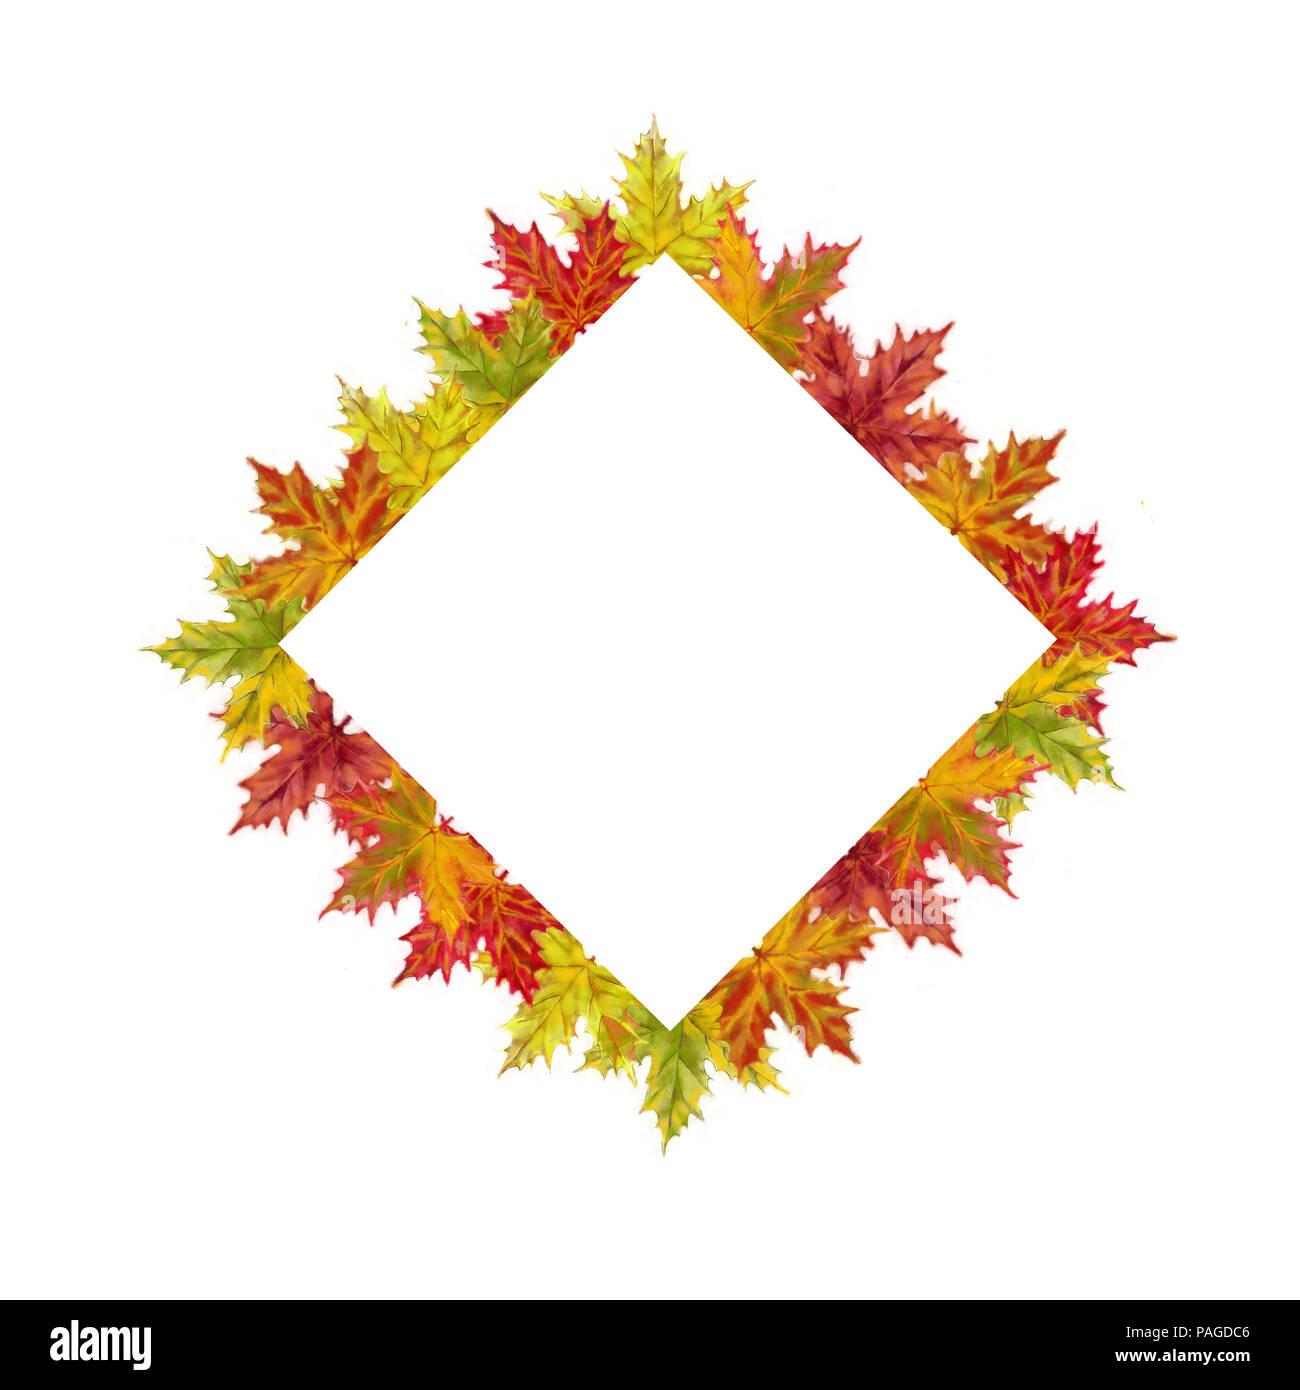 Herbst Ahorn Blätter Diamond Vorlage isoliert auf weißem Hintergrund ...